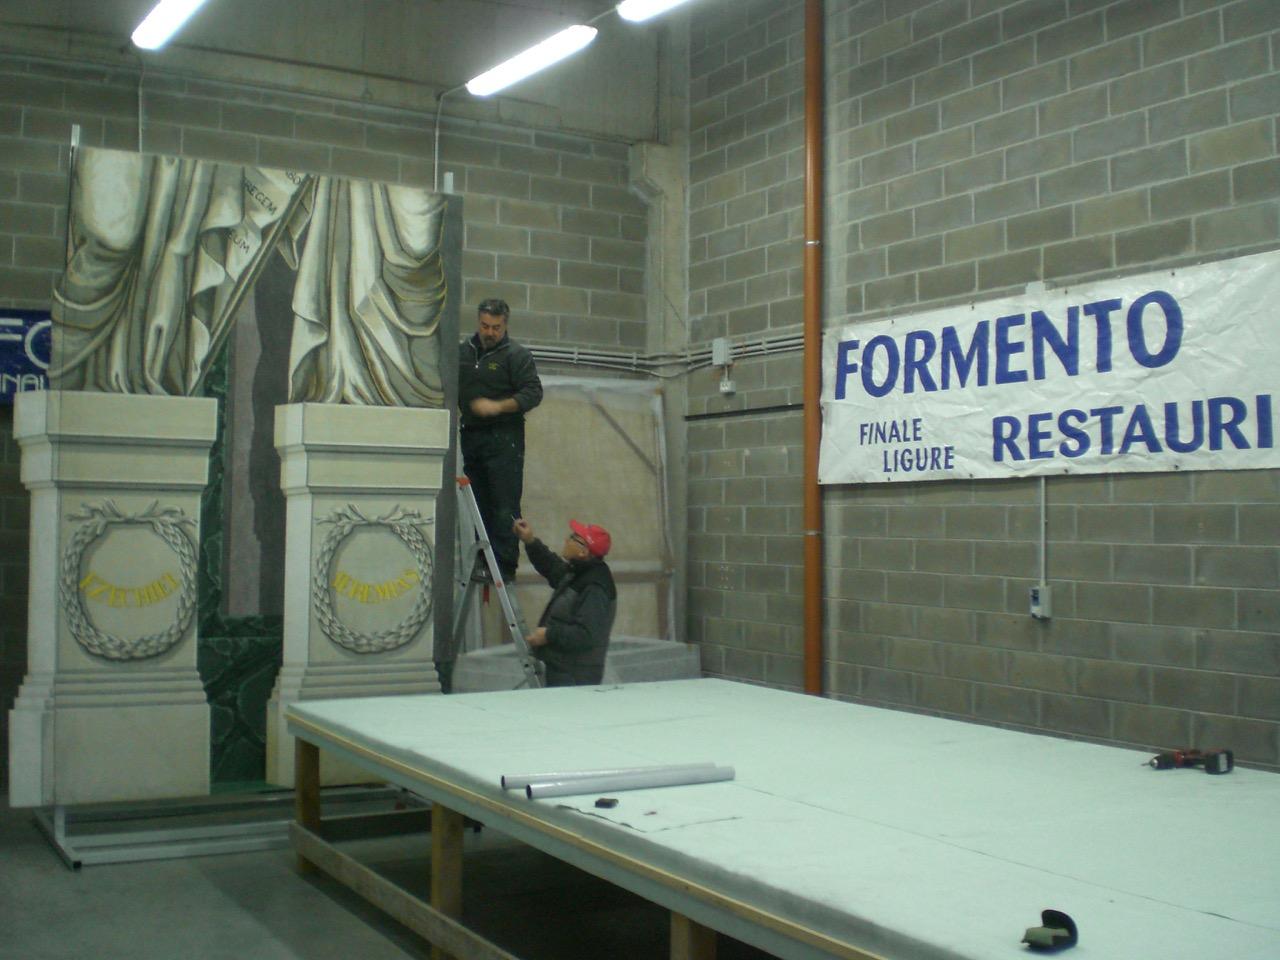 Lavorazioni nel laboratorio Formento a Finale Ligure